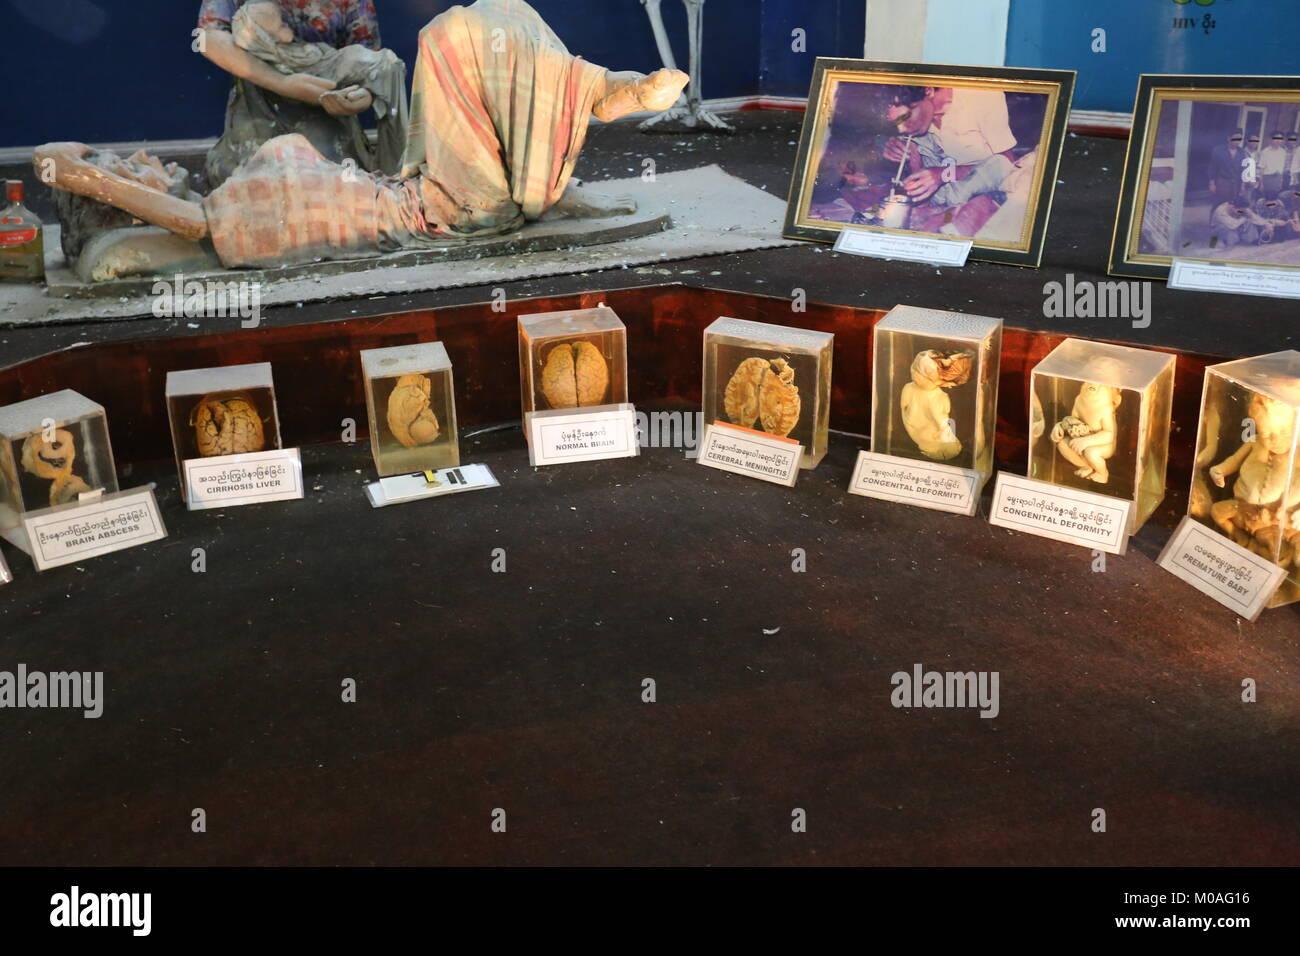 Il farmaco eliminazione Museum di Yangon è riempito con display di segnalazione di pericoli e rischi della tossicodipendenza. Foto Stock